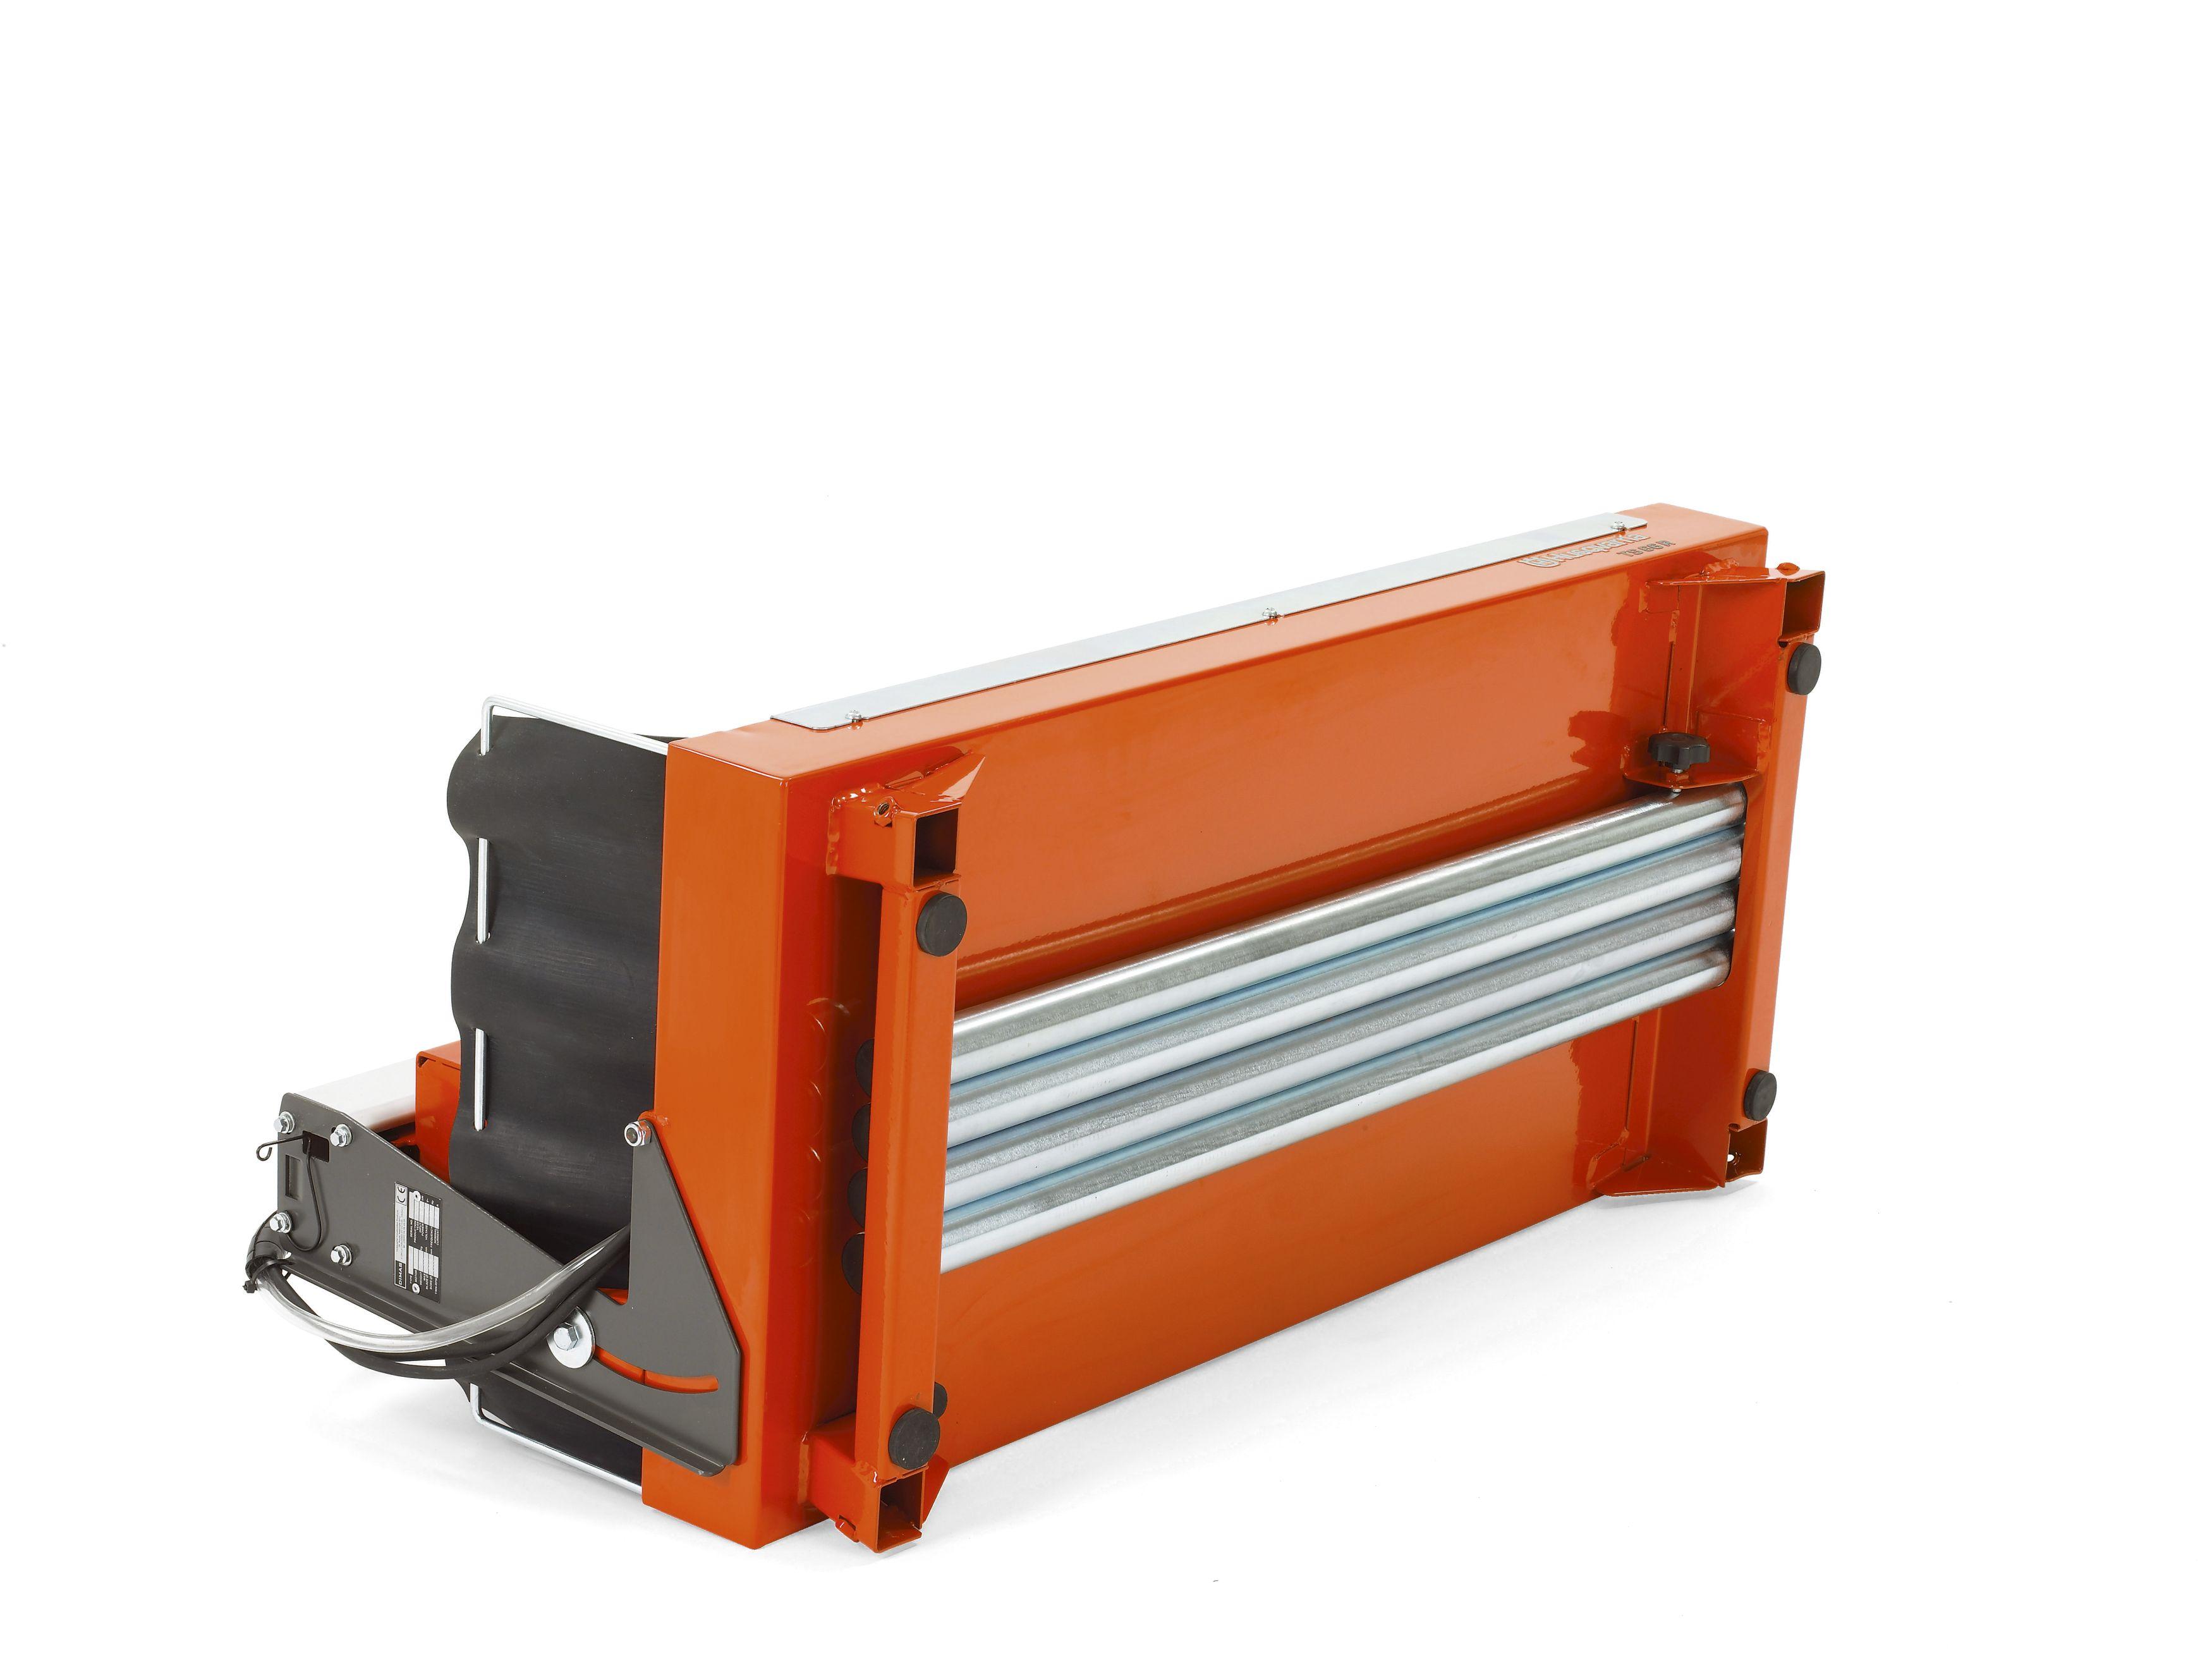 """Oranžs Husqvarna Flīžu zāģis, modelis """"TS 66 R'', skats no apakšas ar izvirzītu labo pusi"""